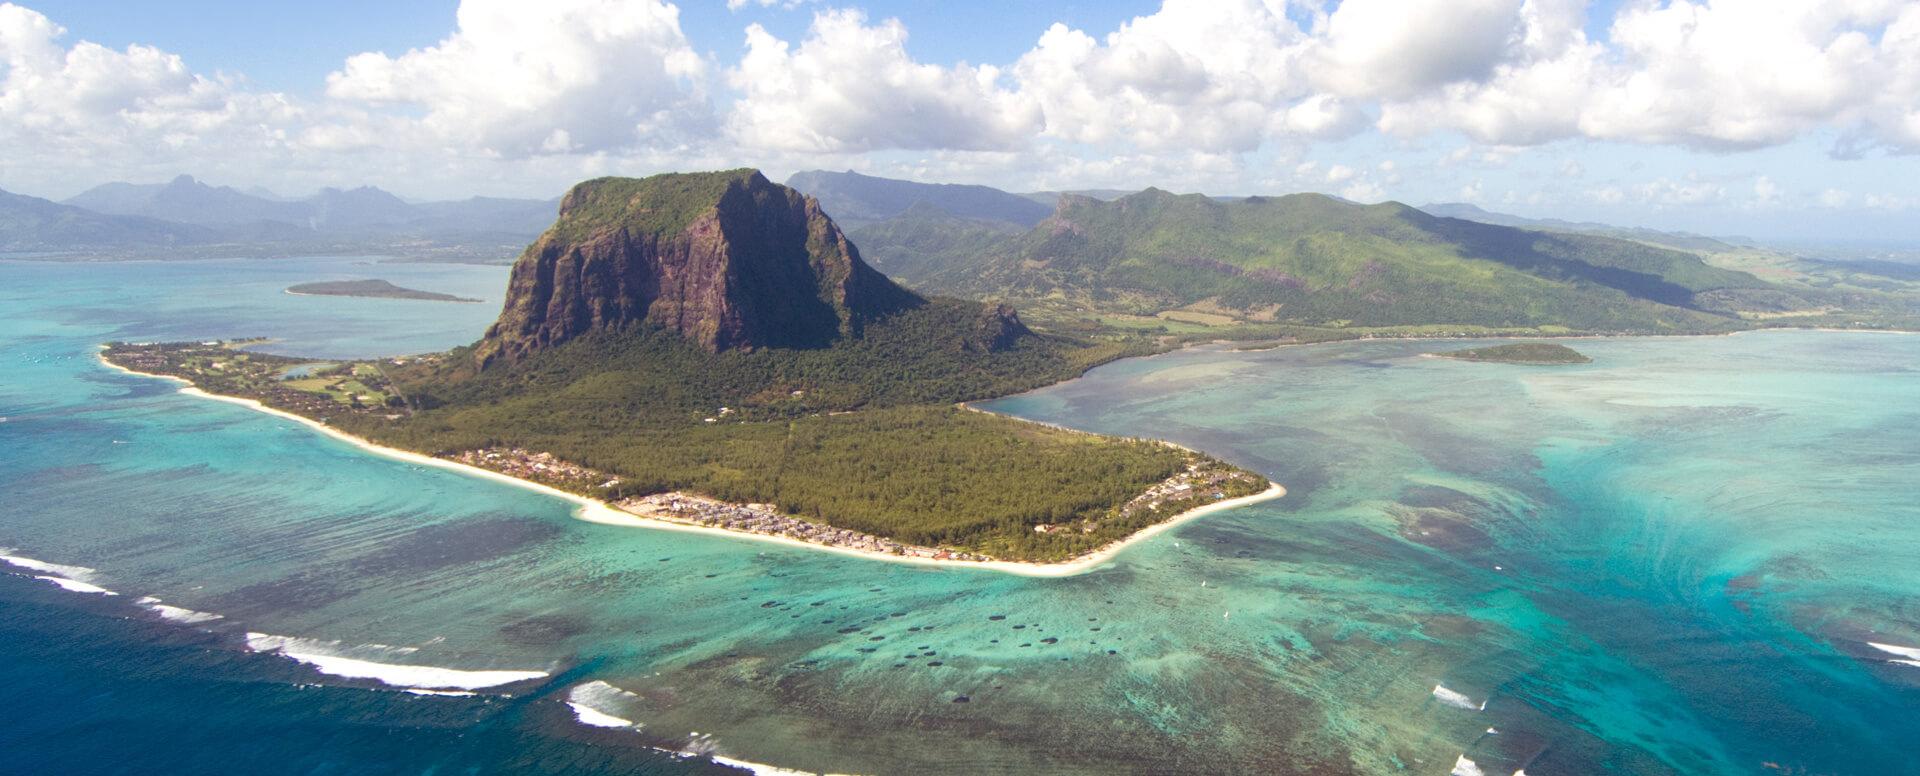 La cascade sous-marine - Île Maurice